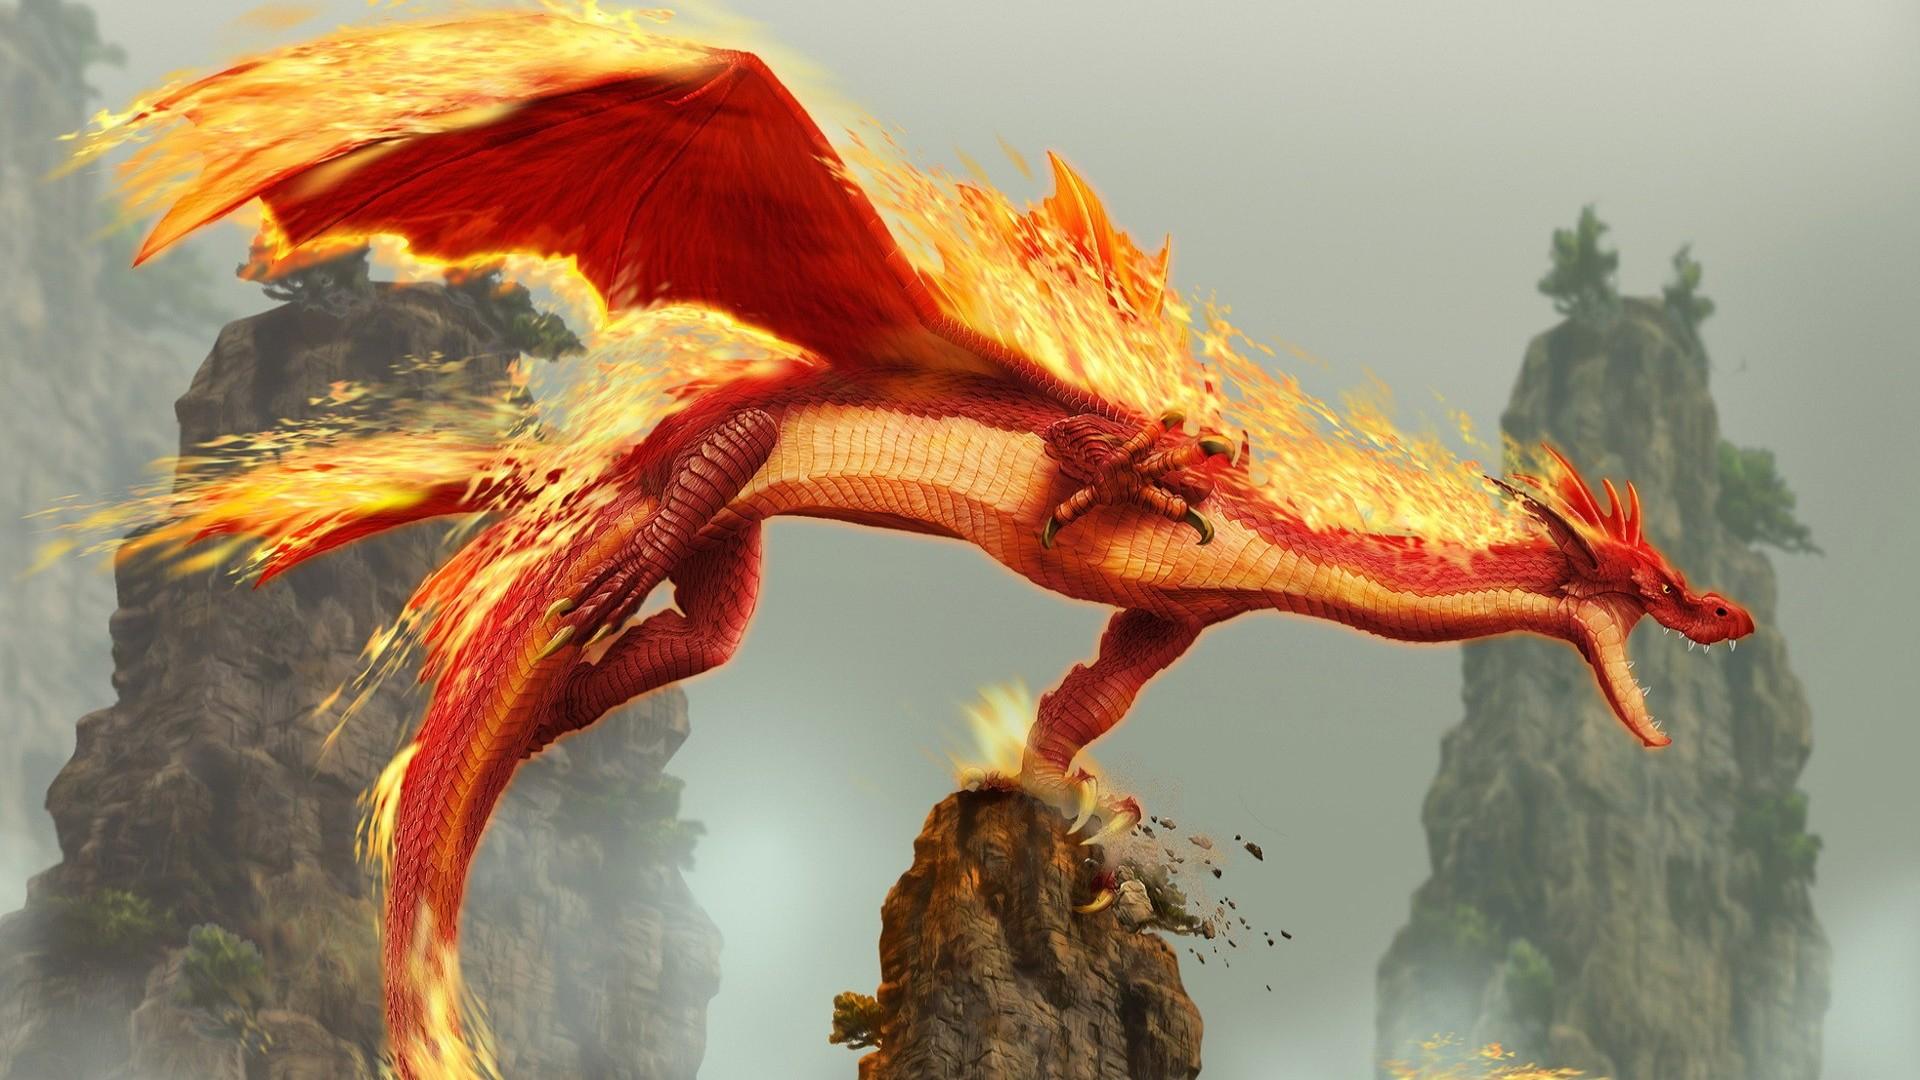 Flying Fire Dragon Hd Wallpaper